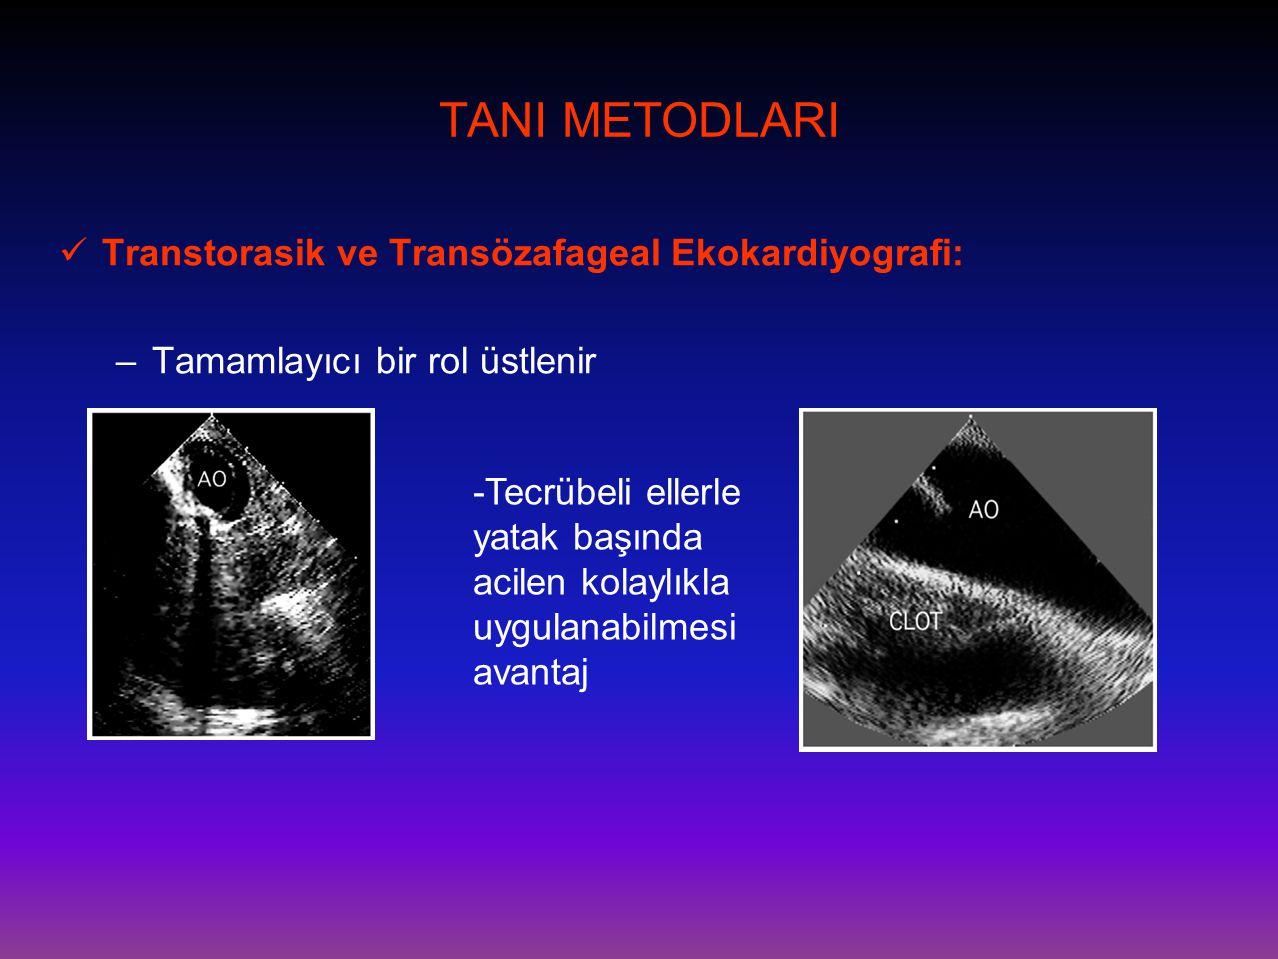 TANI METODLARI  Transtorasik ve Transözafageal Ekokardiyografi: –Tamamlayıcı bir rol üstlenir -Tecrübeli ellerle yatak başında acilen kolaylıkla uygu